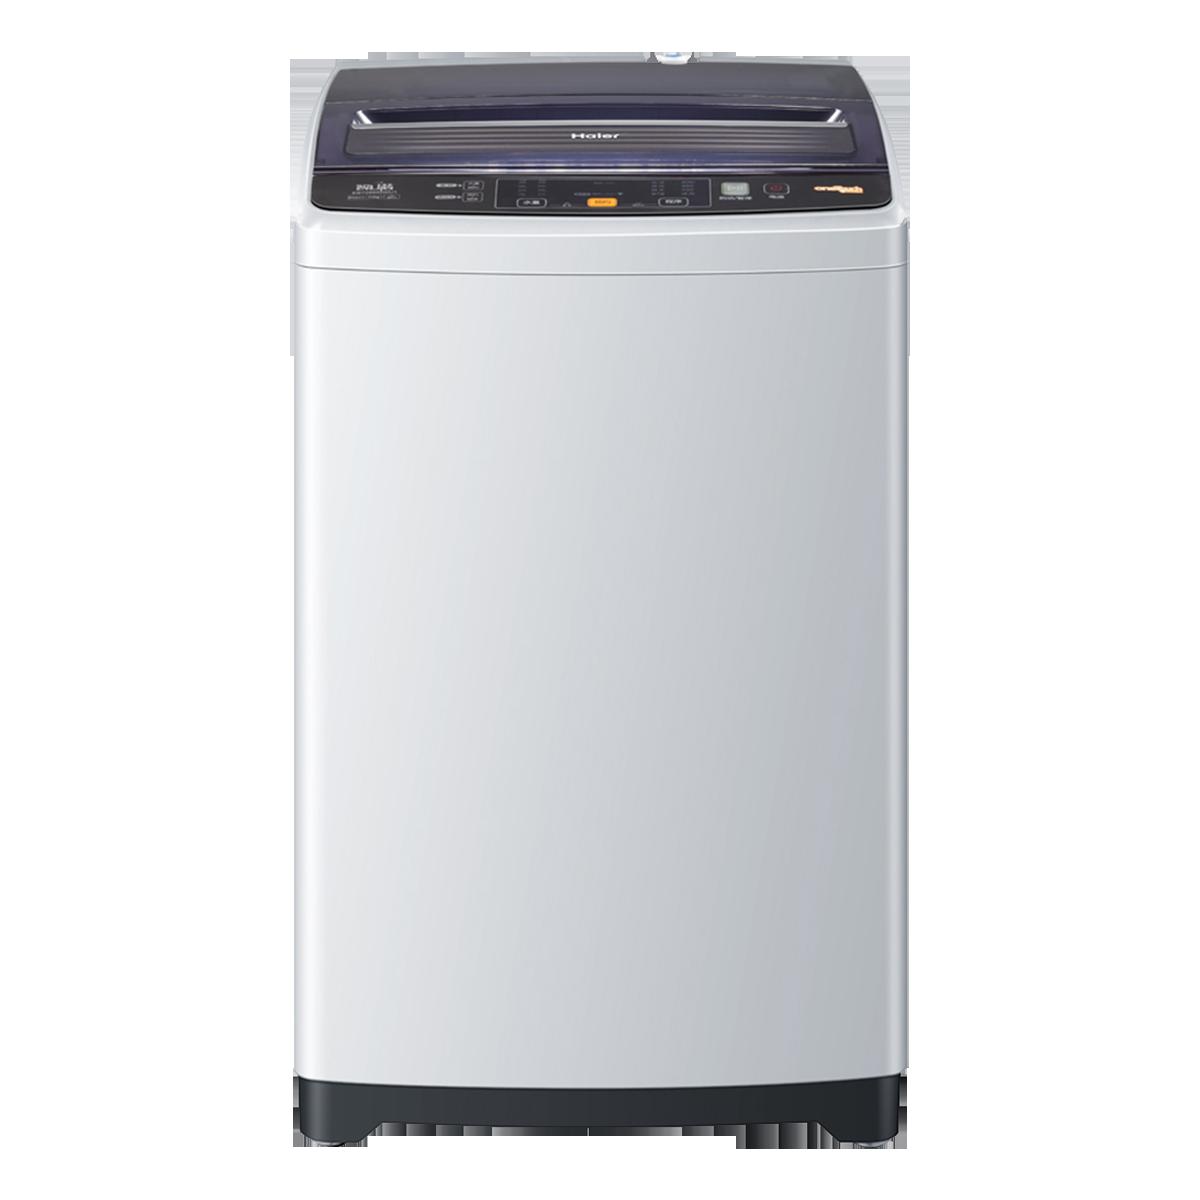 海尔Haier洗衣机 EB72BM2WU1 说明书